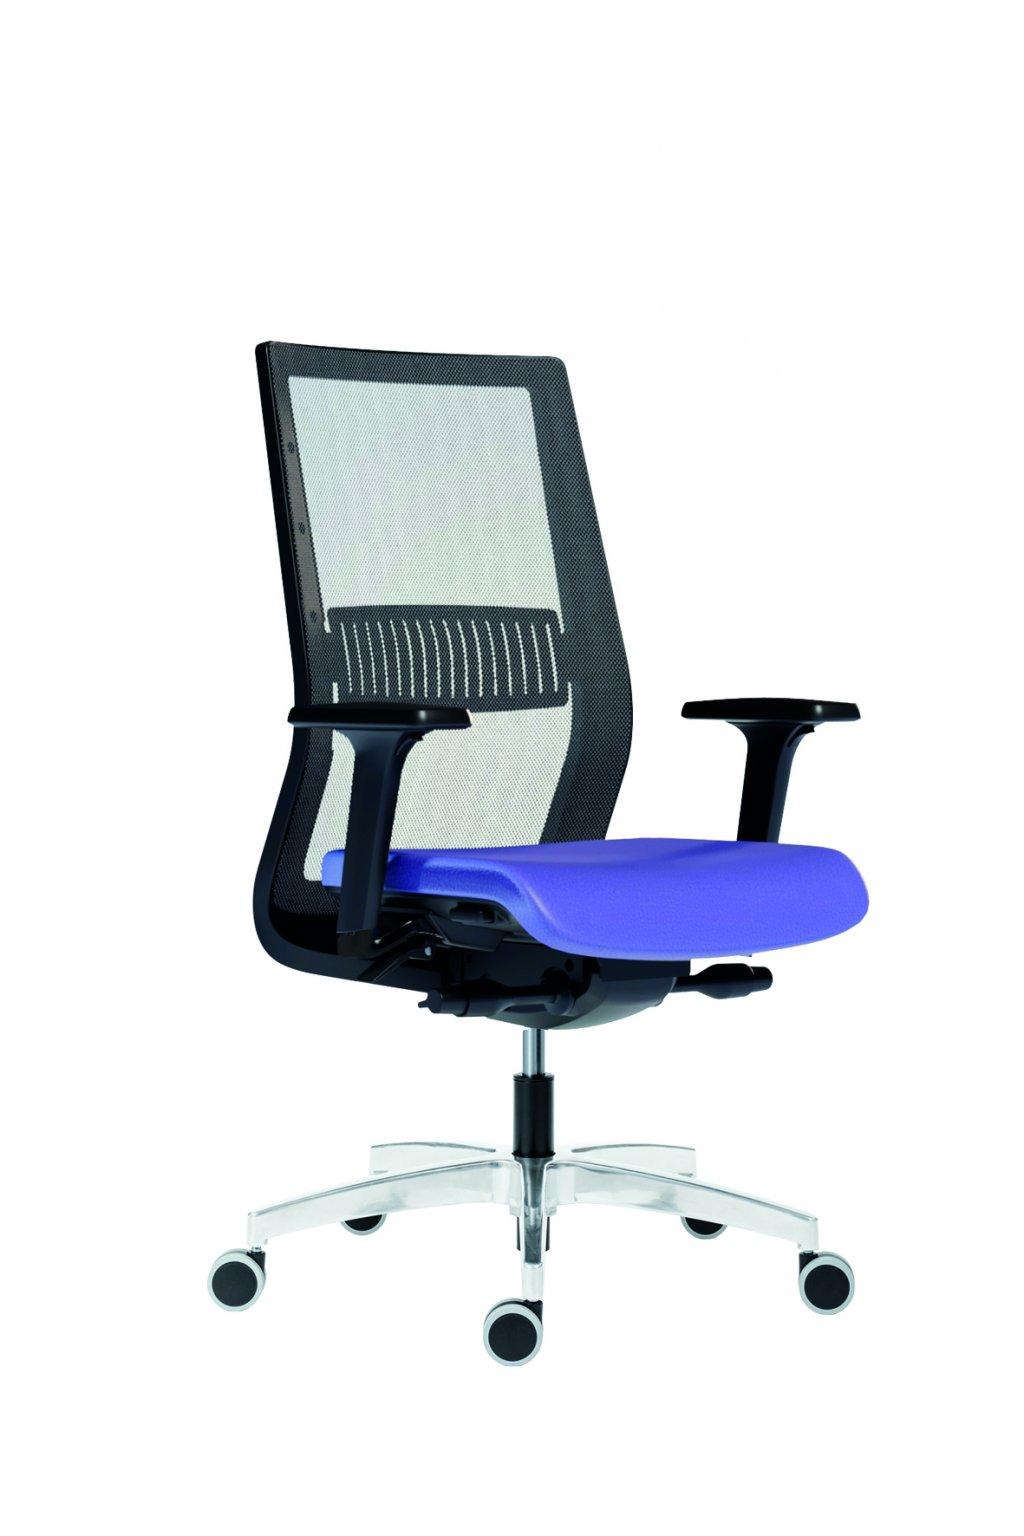 Antares kancelářská židle 1990 SYN TITAN MESCH - SL - AR 40